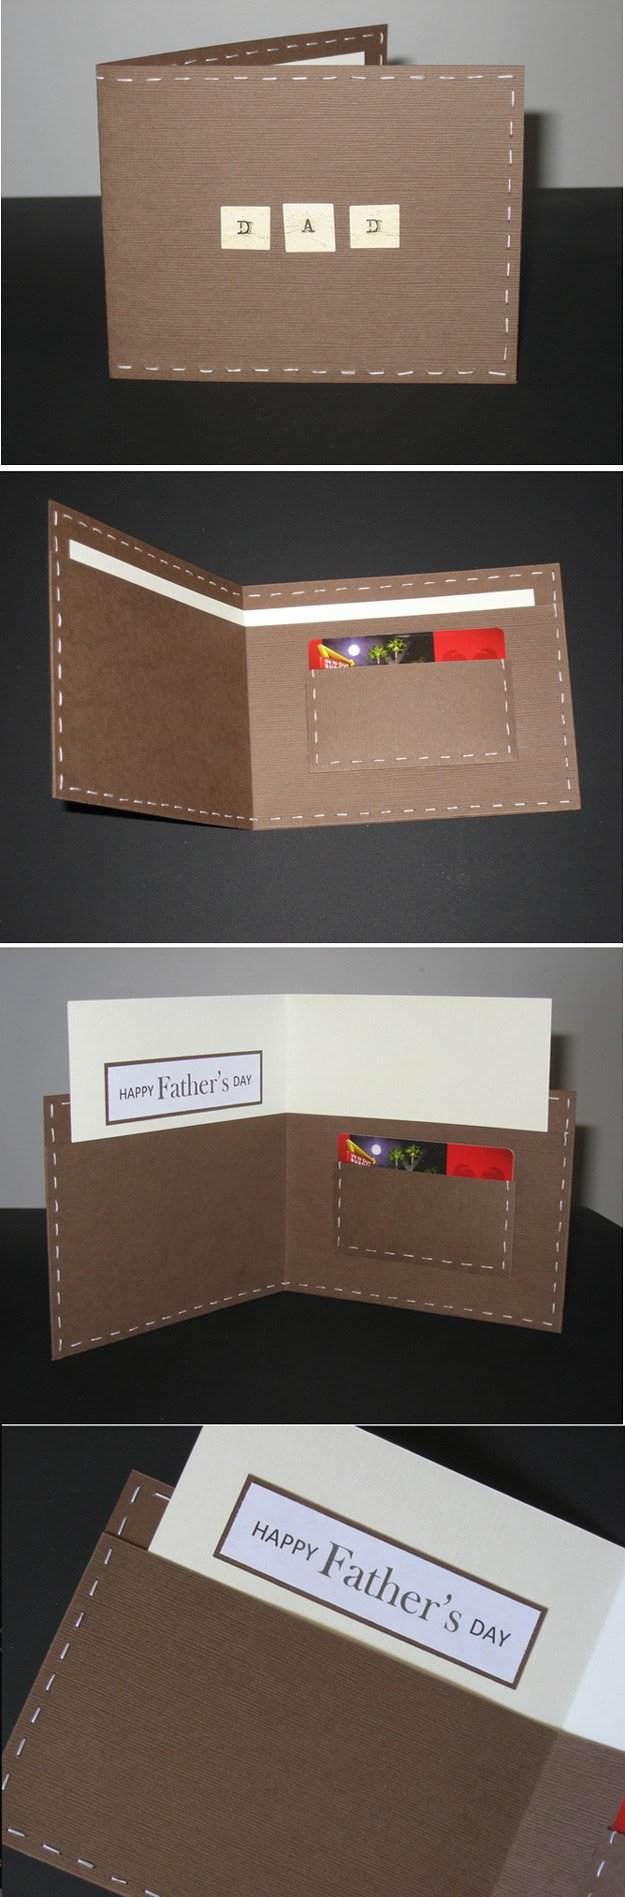 Basteln Sie selbst eine Vatertag-Karte und wünschen Ihrem Vater alles Gute zum Vatertag